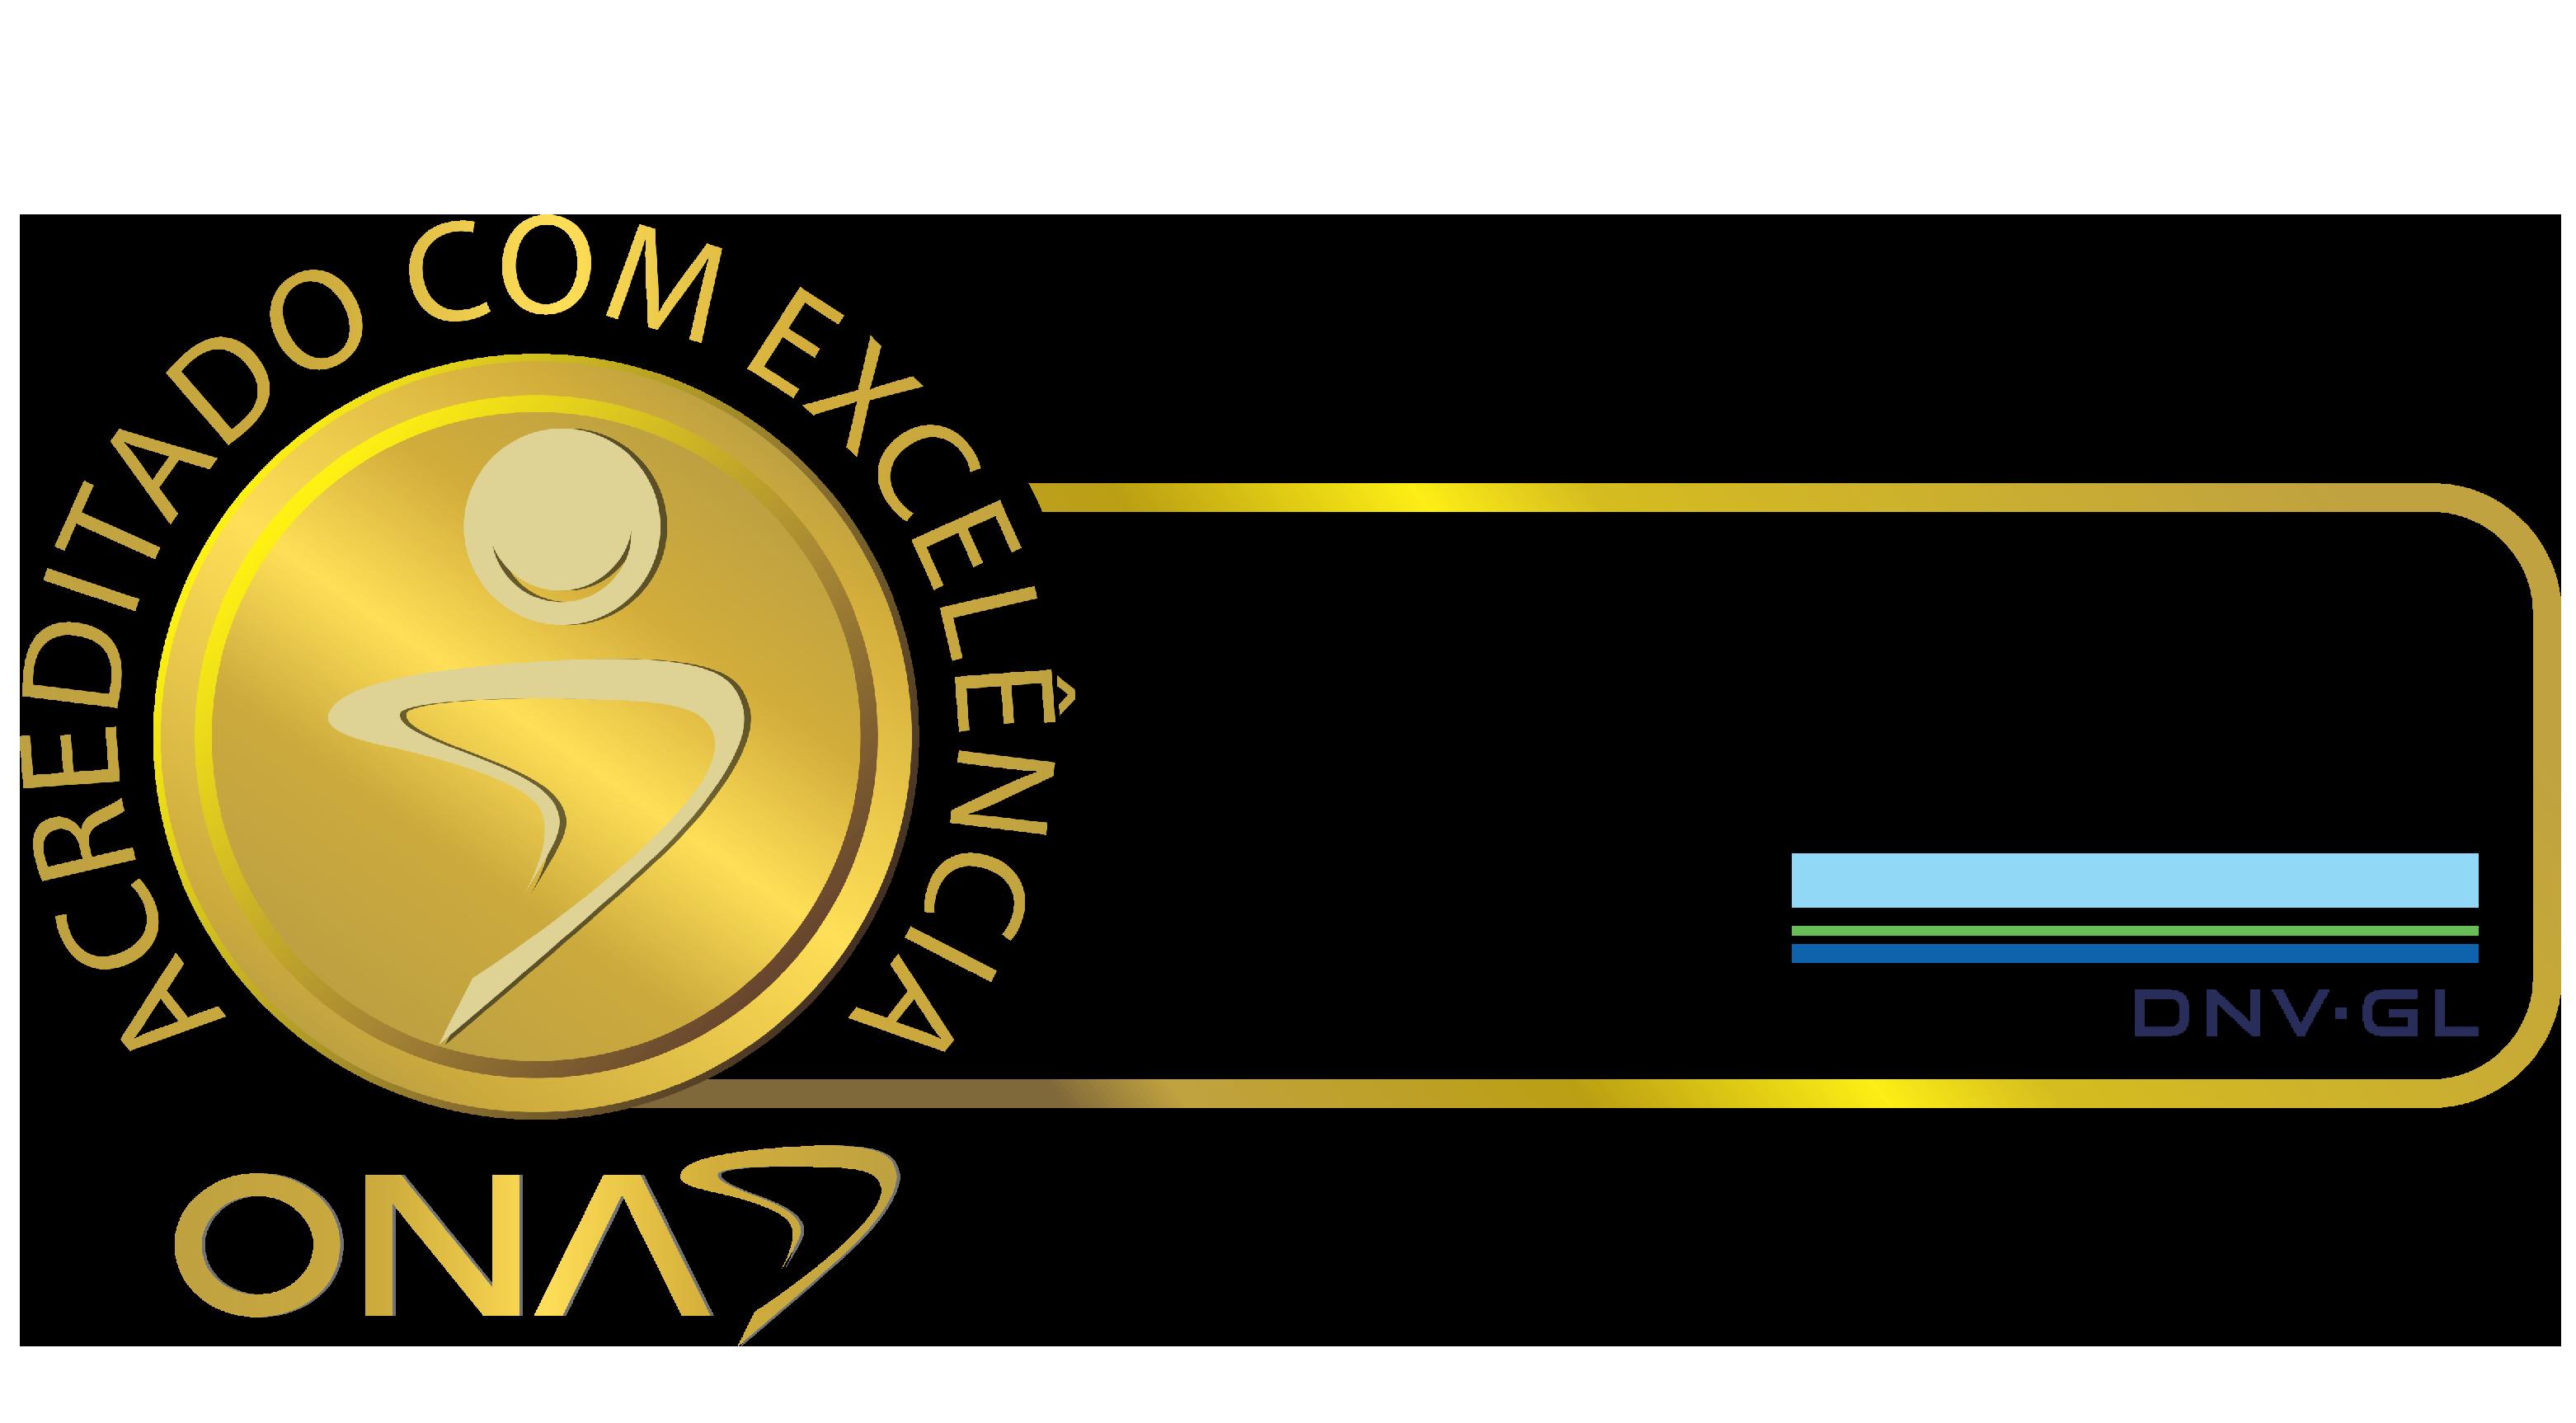 clinica-ceu-acreditada-com-excelencia-nivel-3-pela-ONA